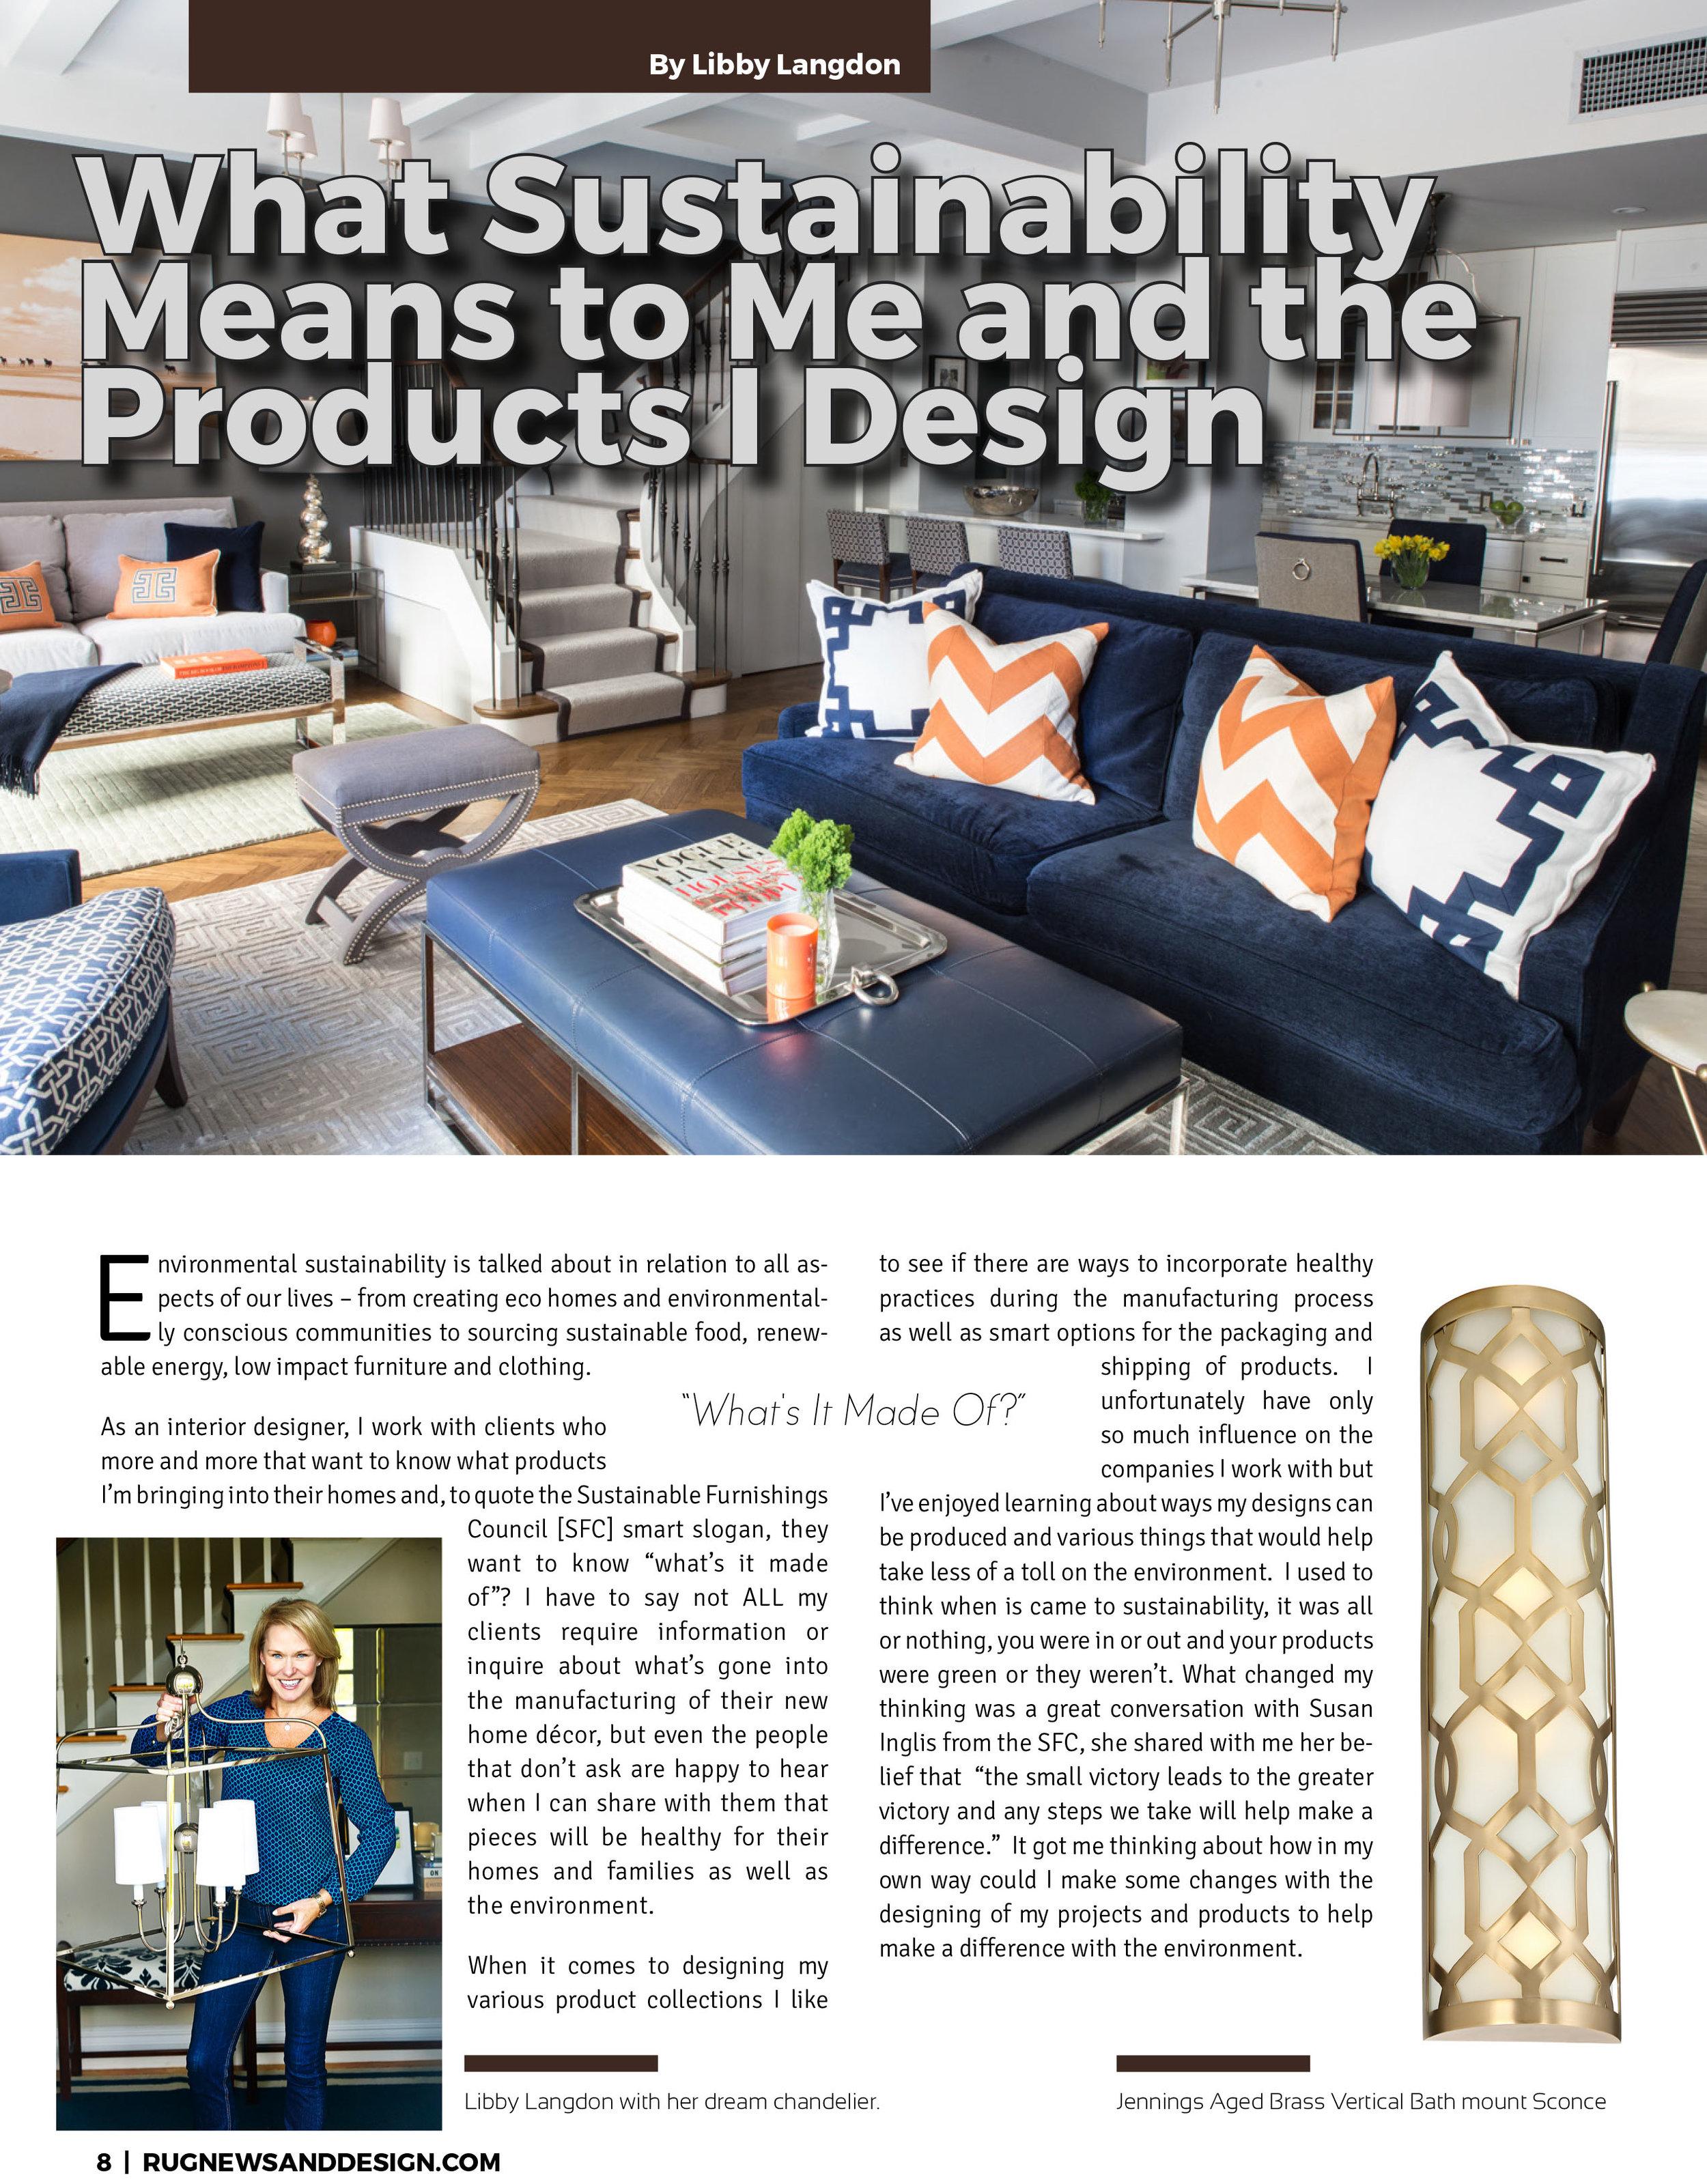 Rug News and Design-Page 1.jpg